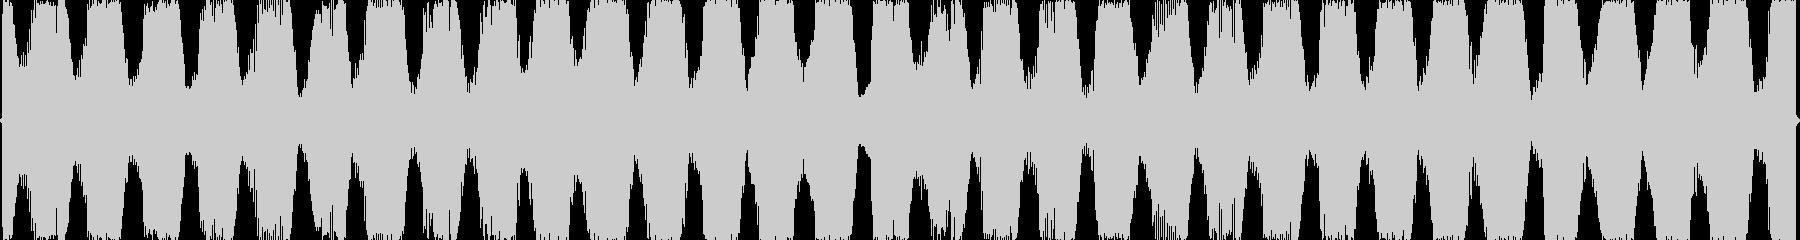 エレクトロニック、EDM、四つ打ちの未再生の波形